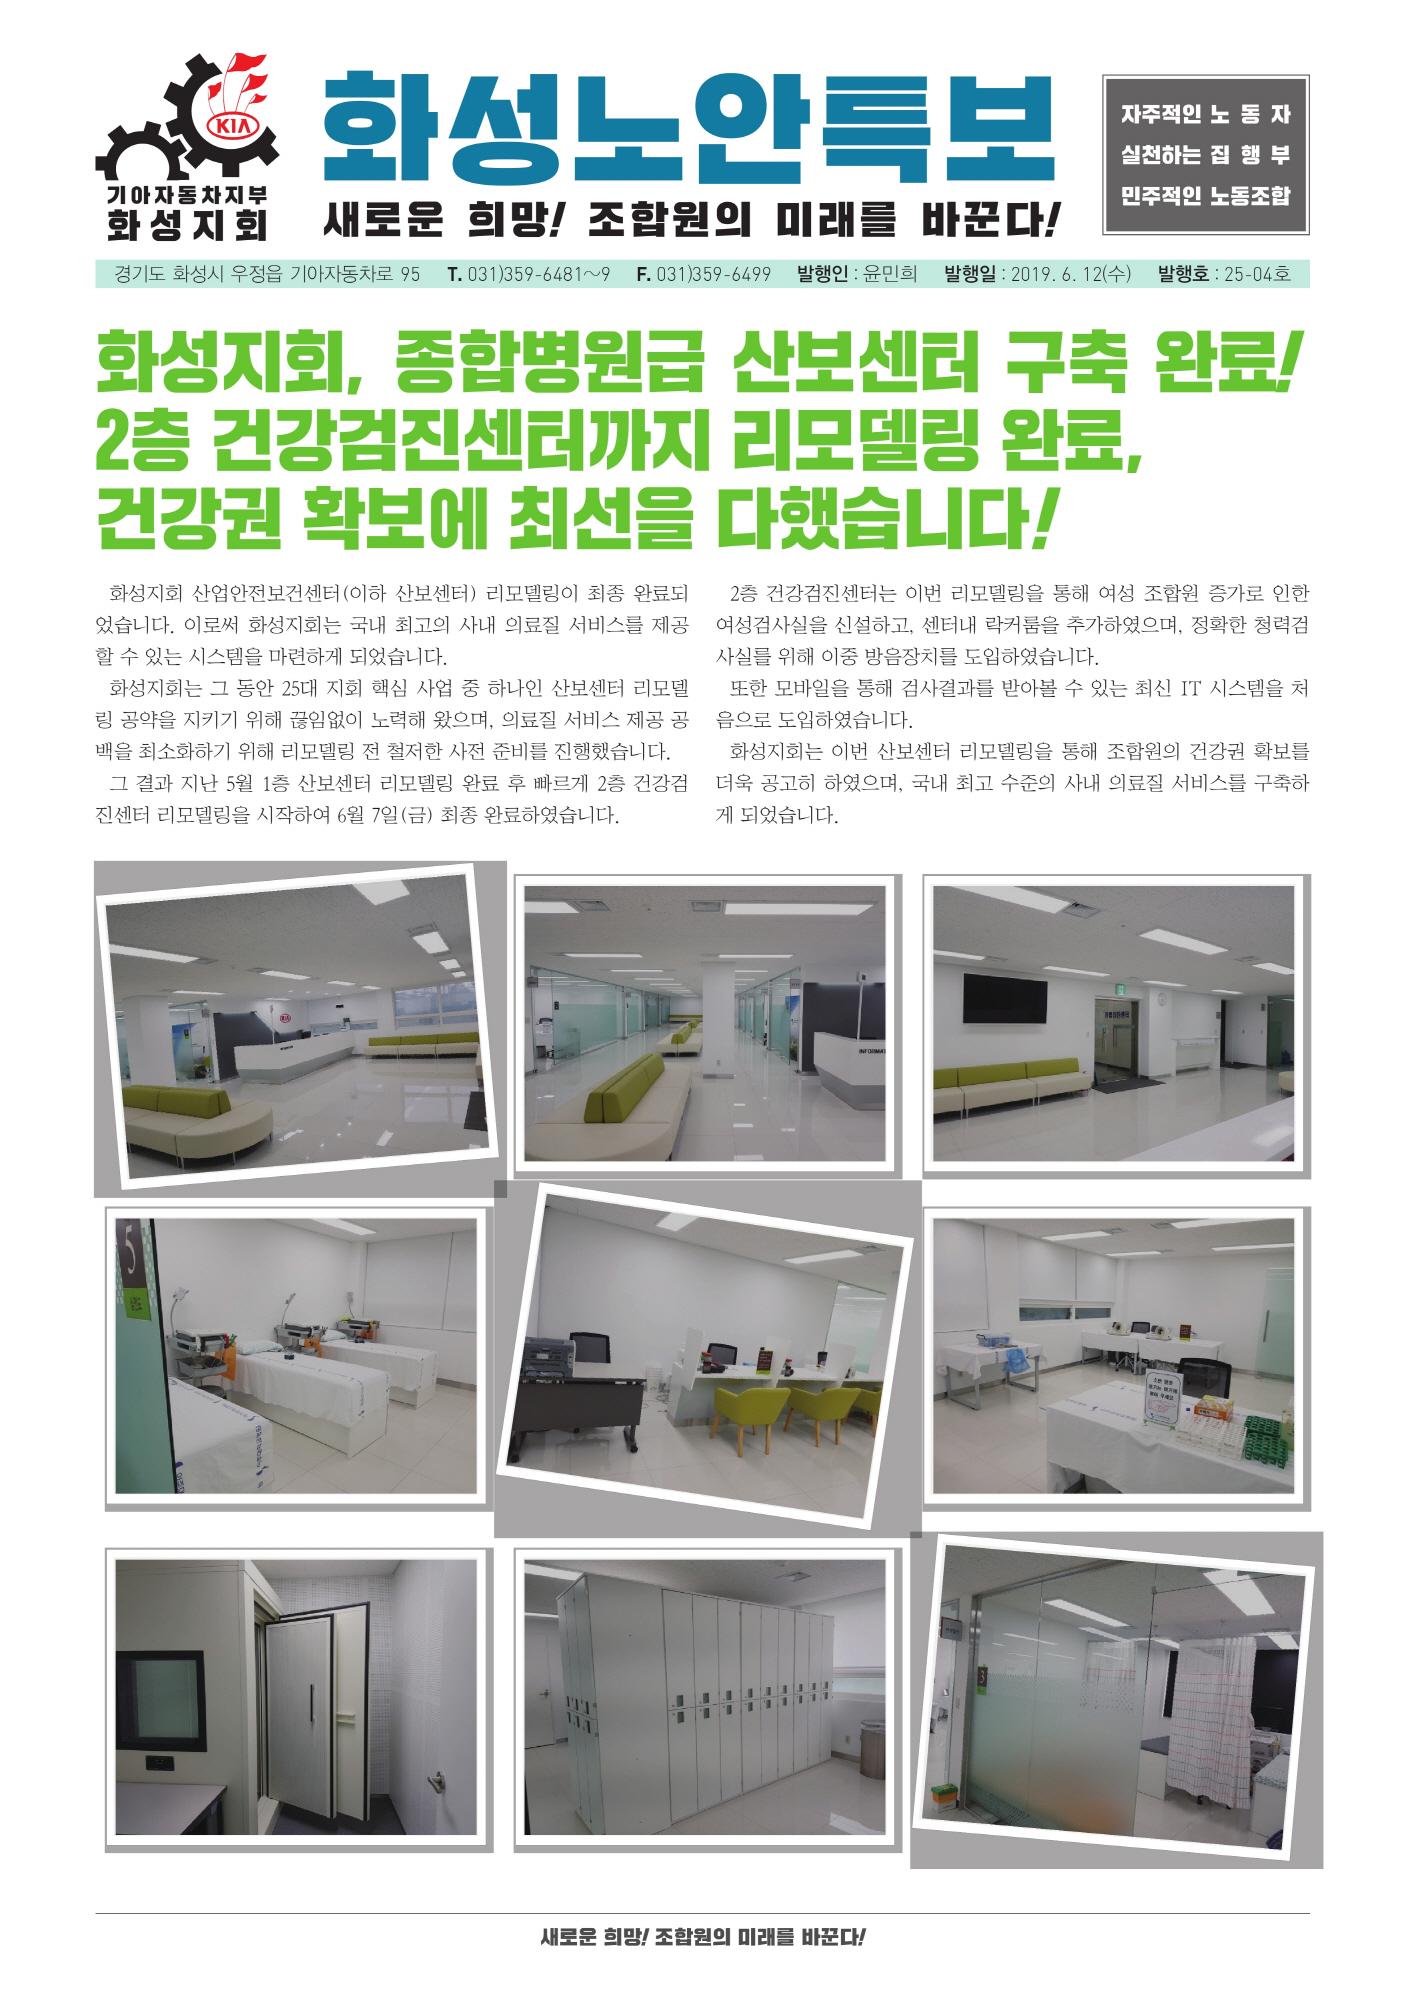 사본 -화성노안특보(완)-0611-1[크기변환].jpg